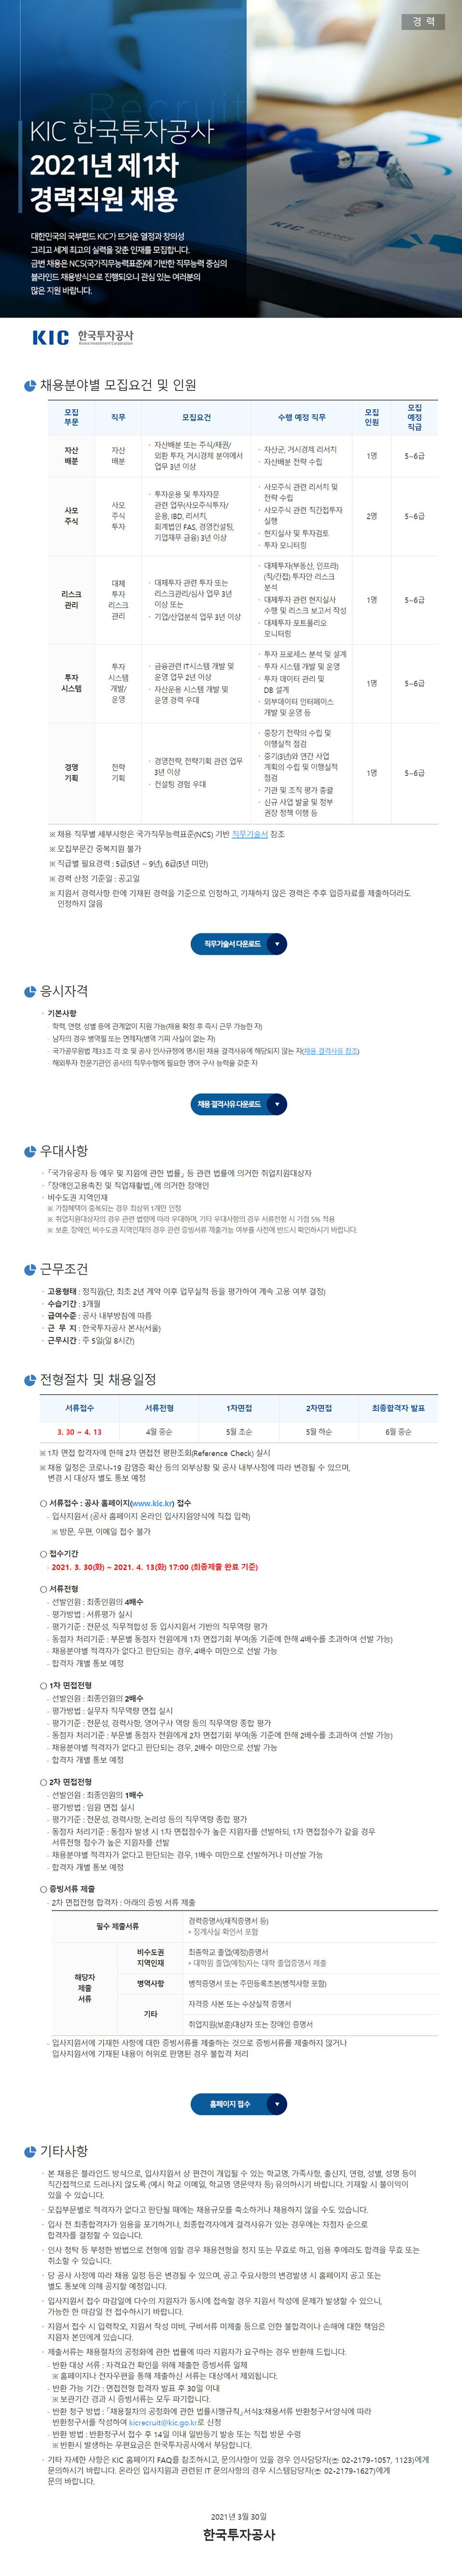 한국투자공사 이미지